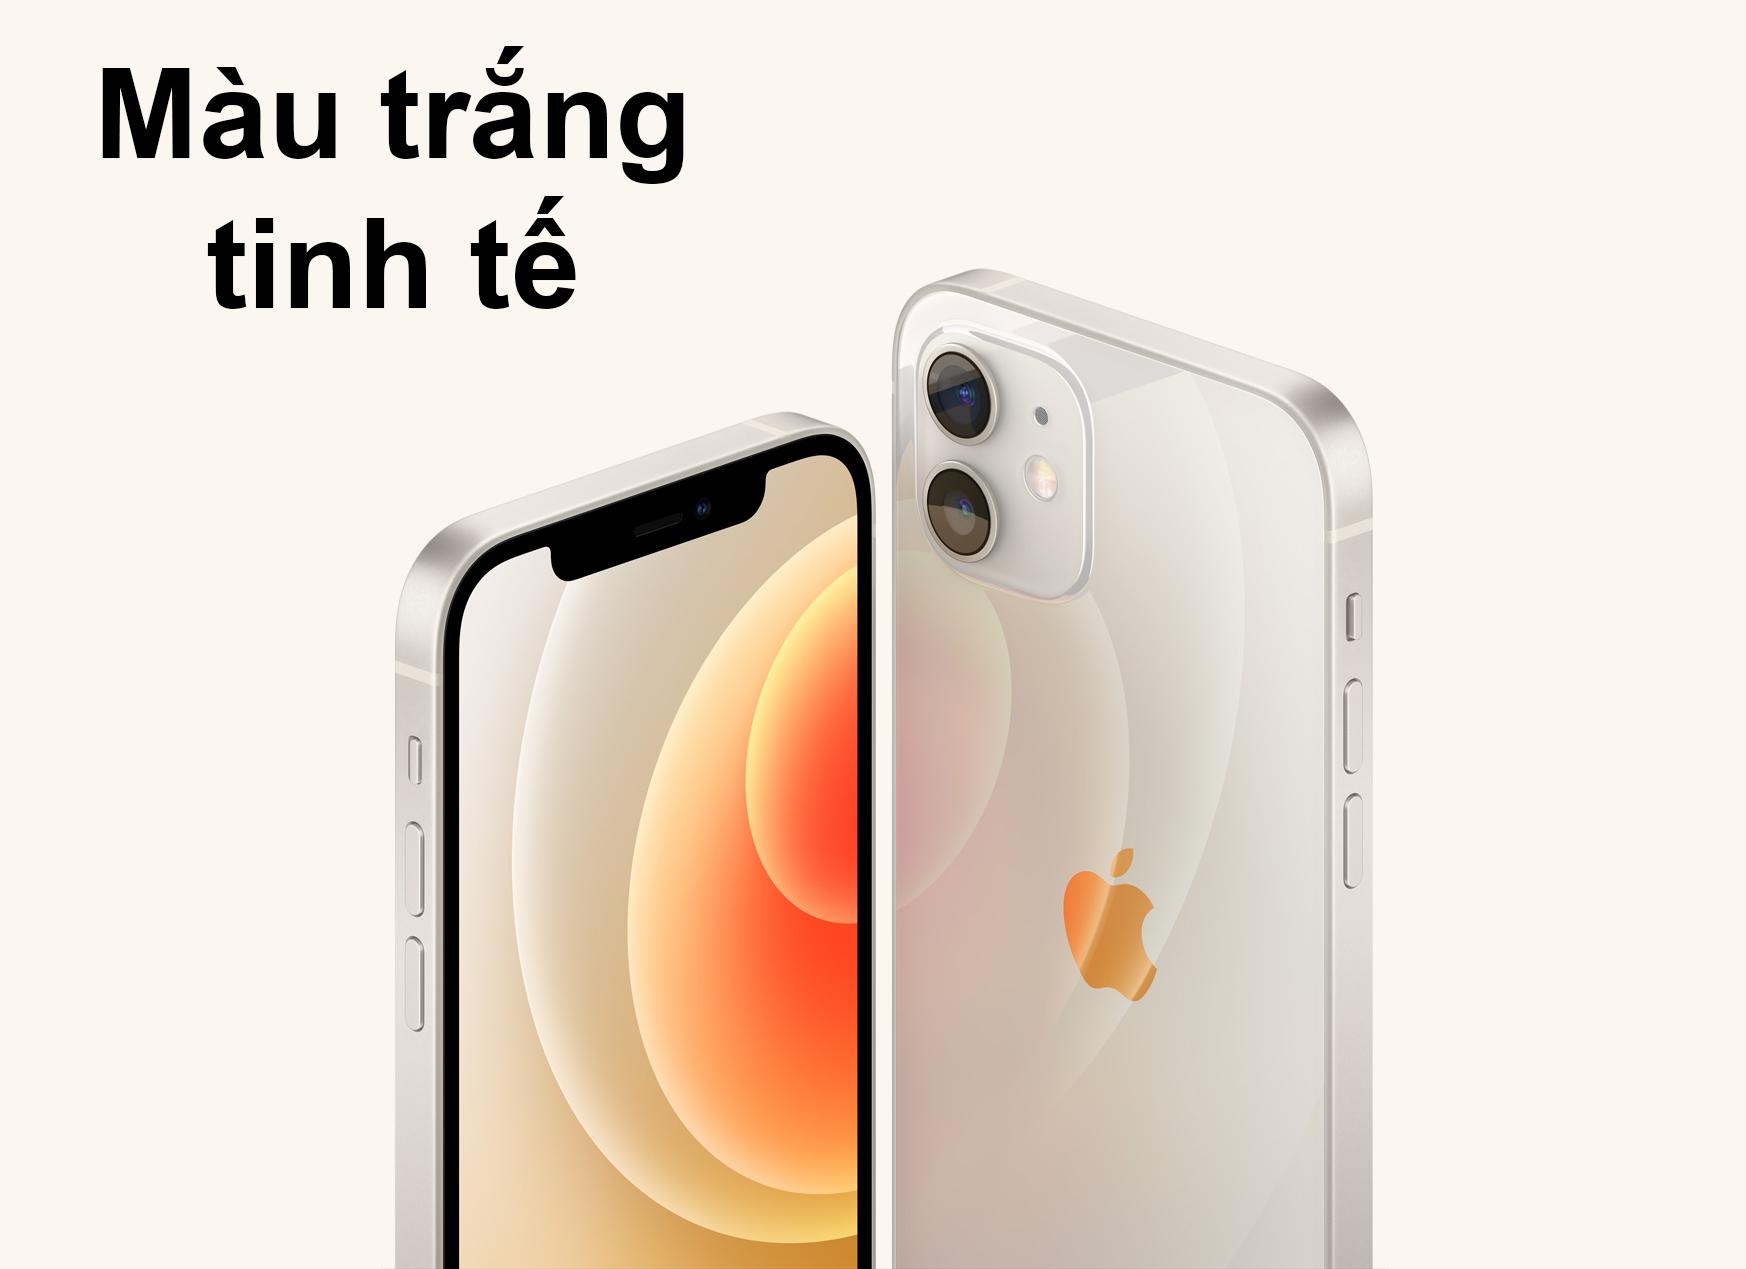 iPhone 12 Mini 128 GB | Màu trắng tinh tế